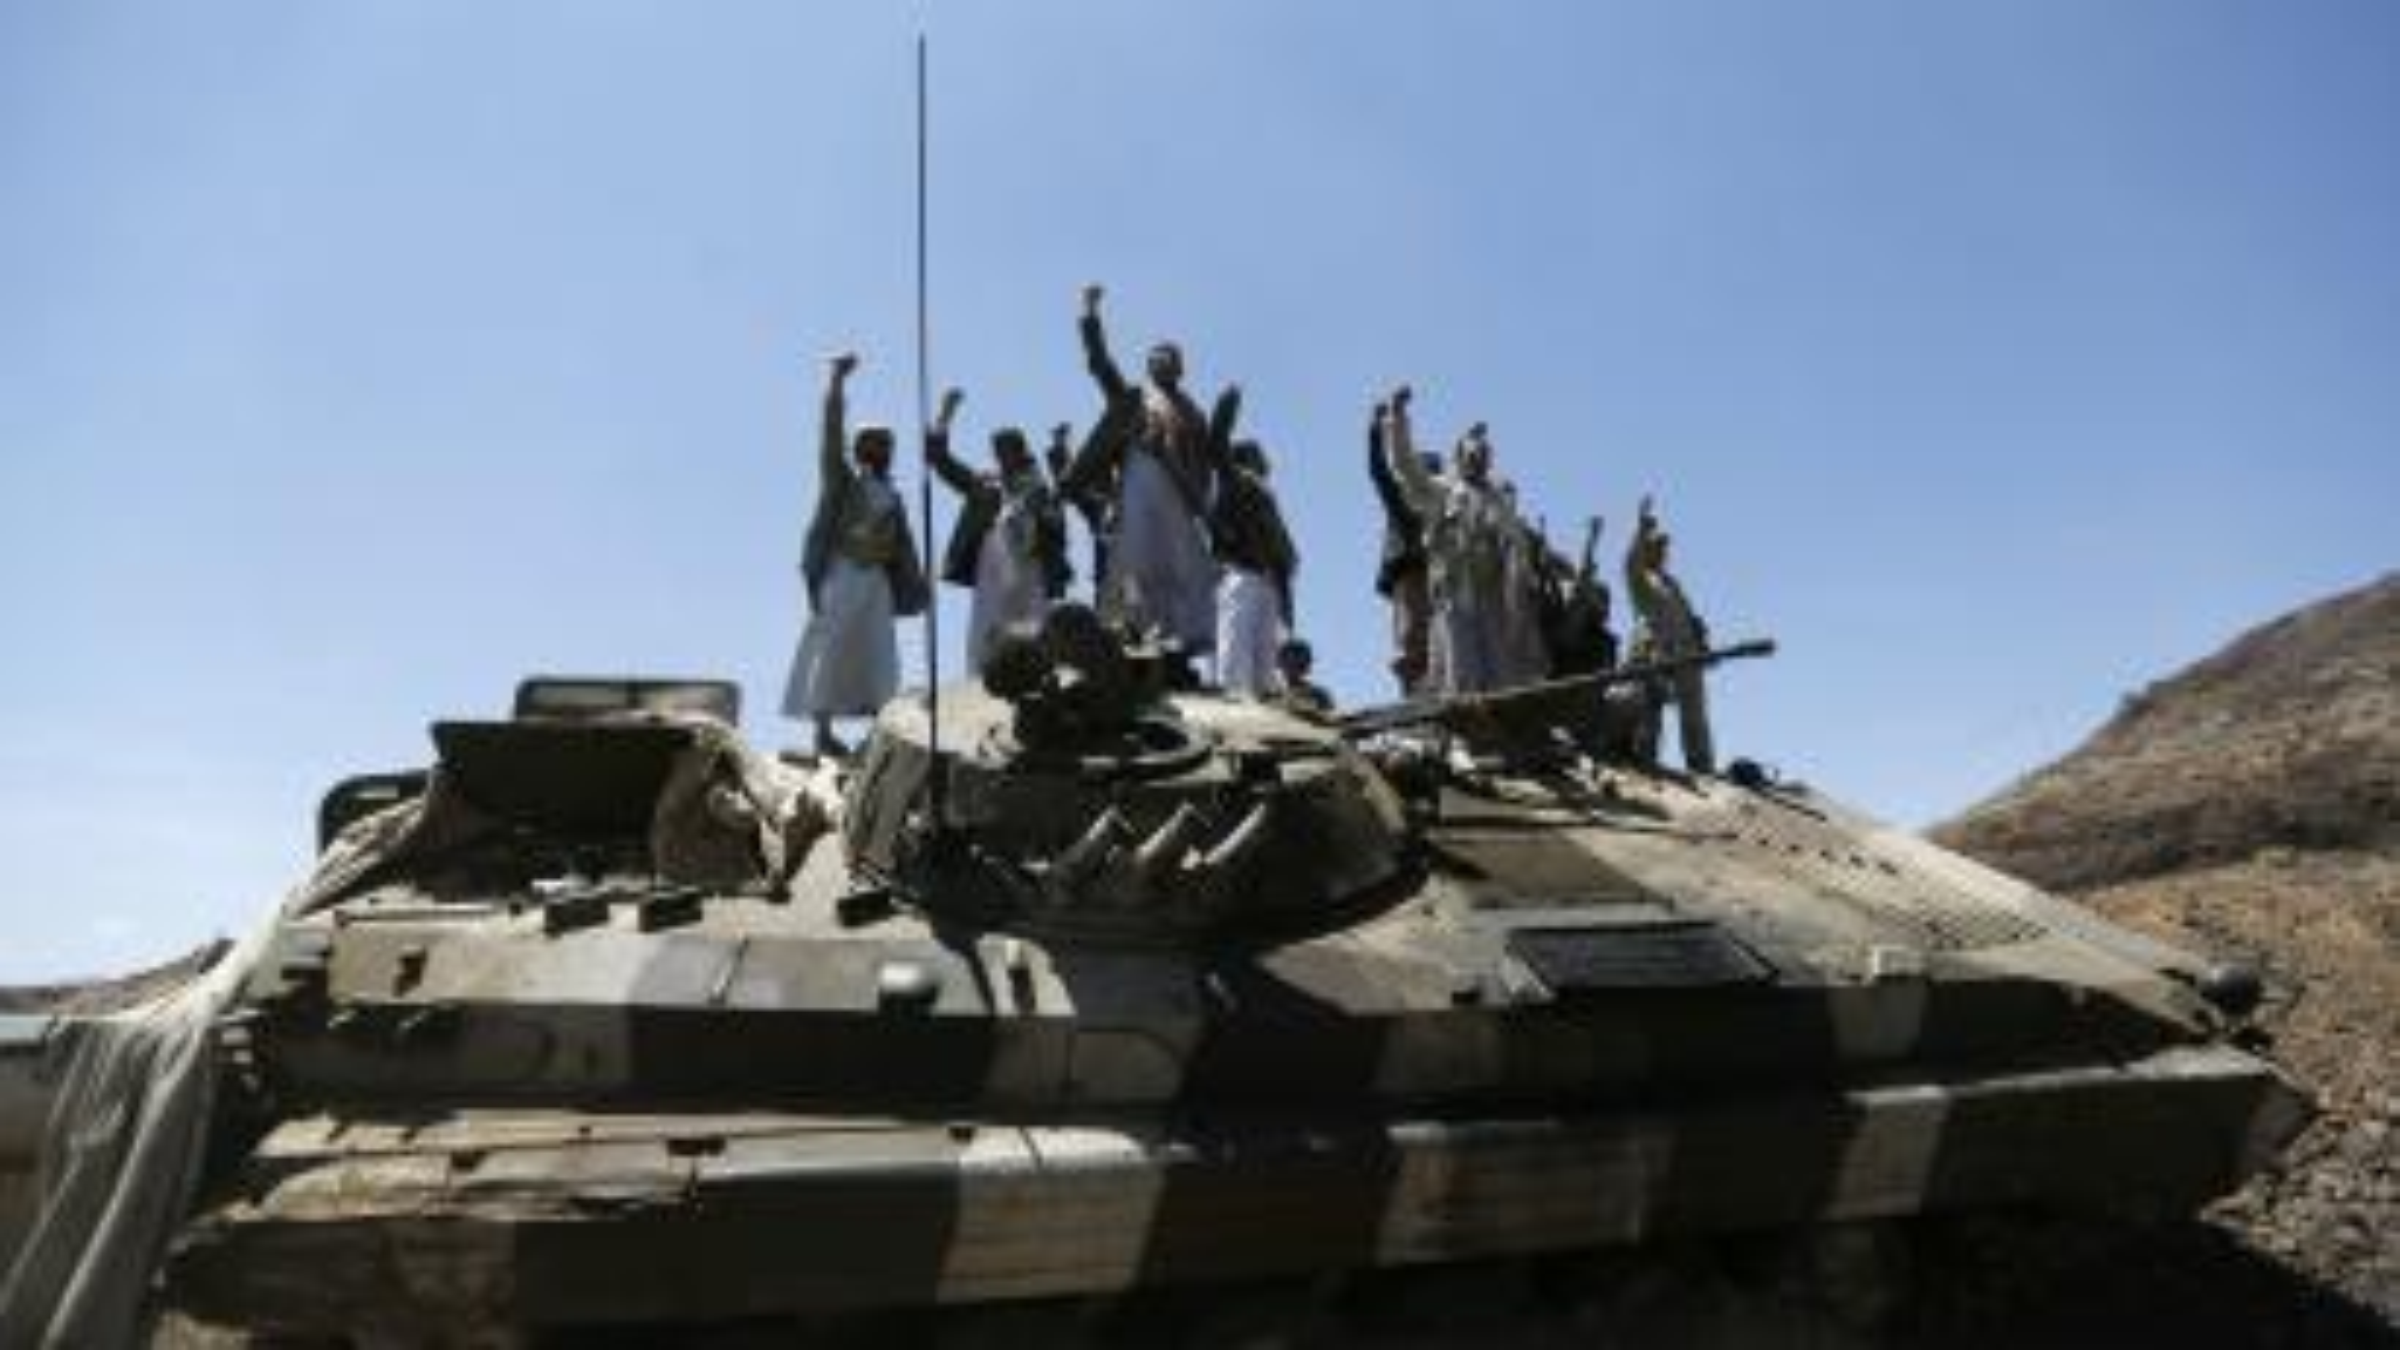 Yemen, Sanaa, Houthis